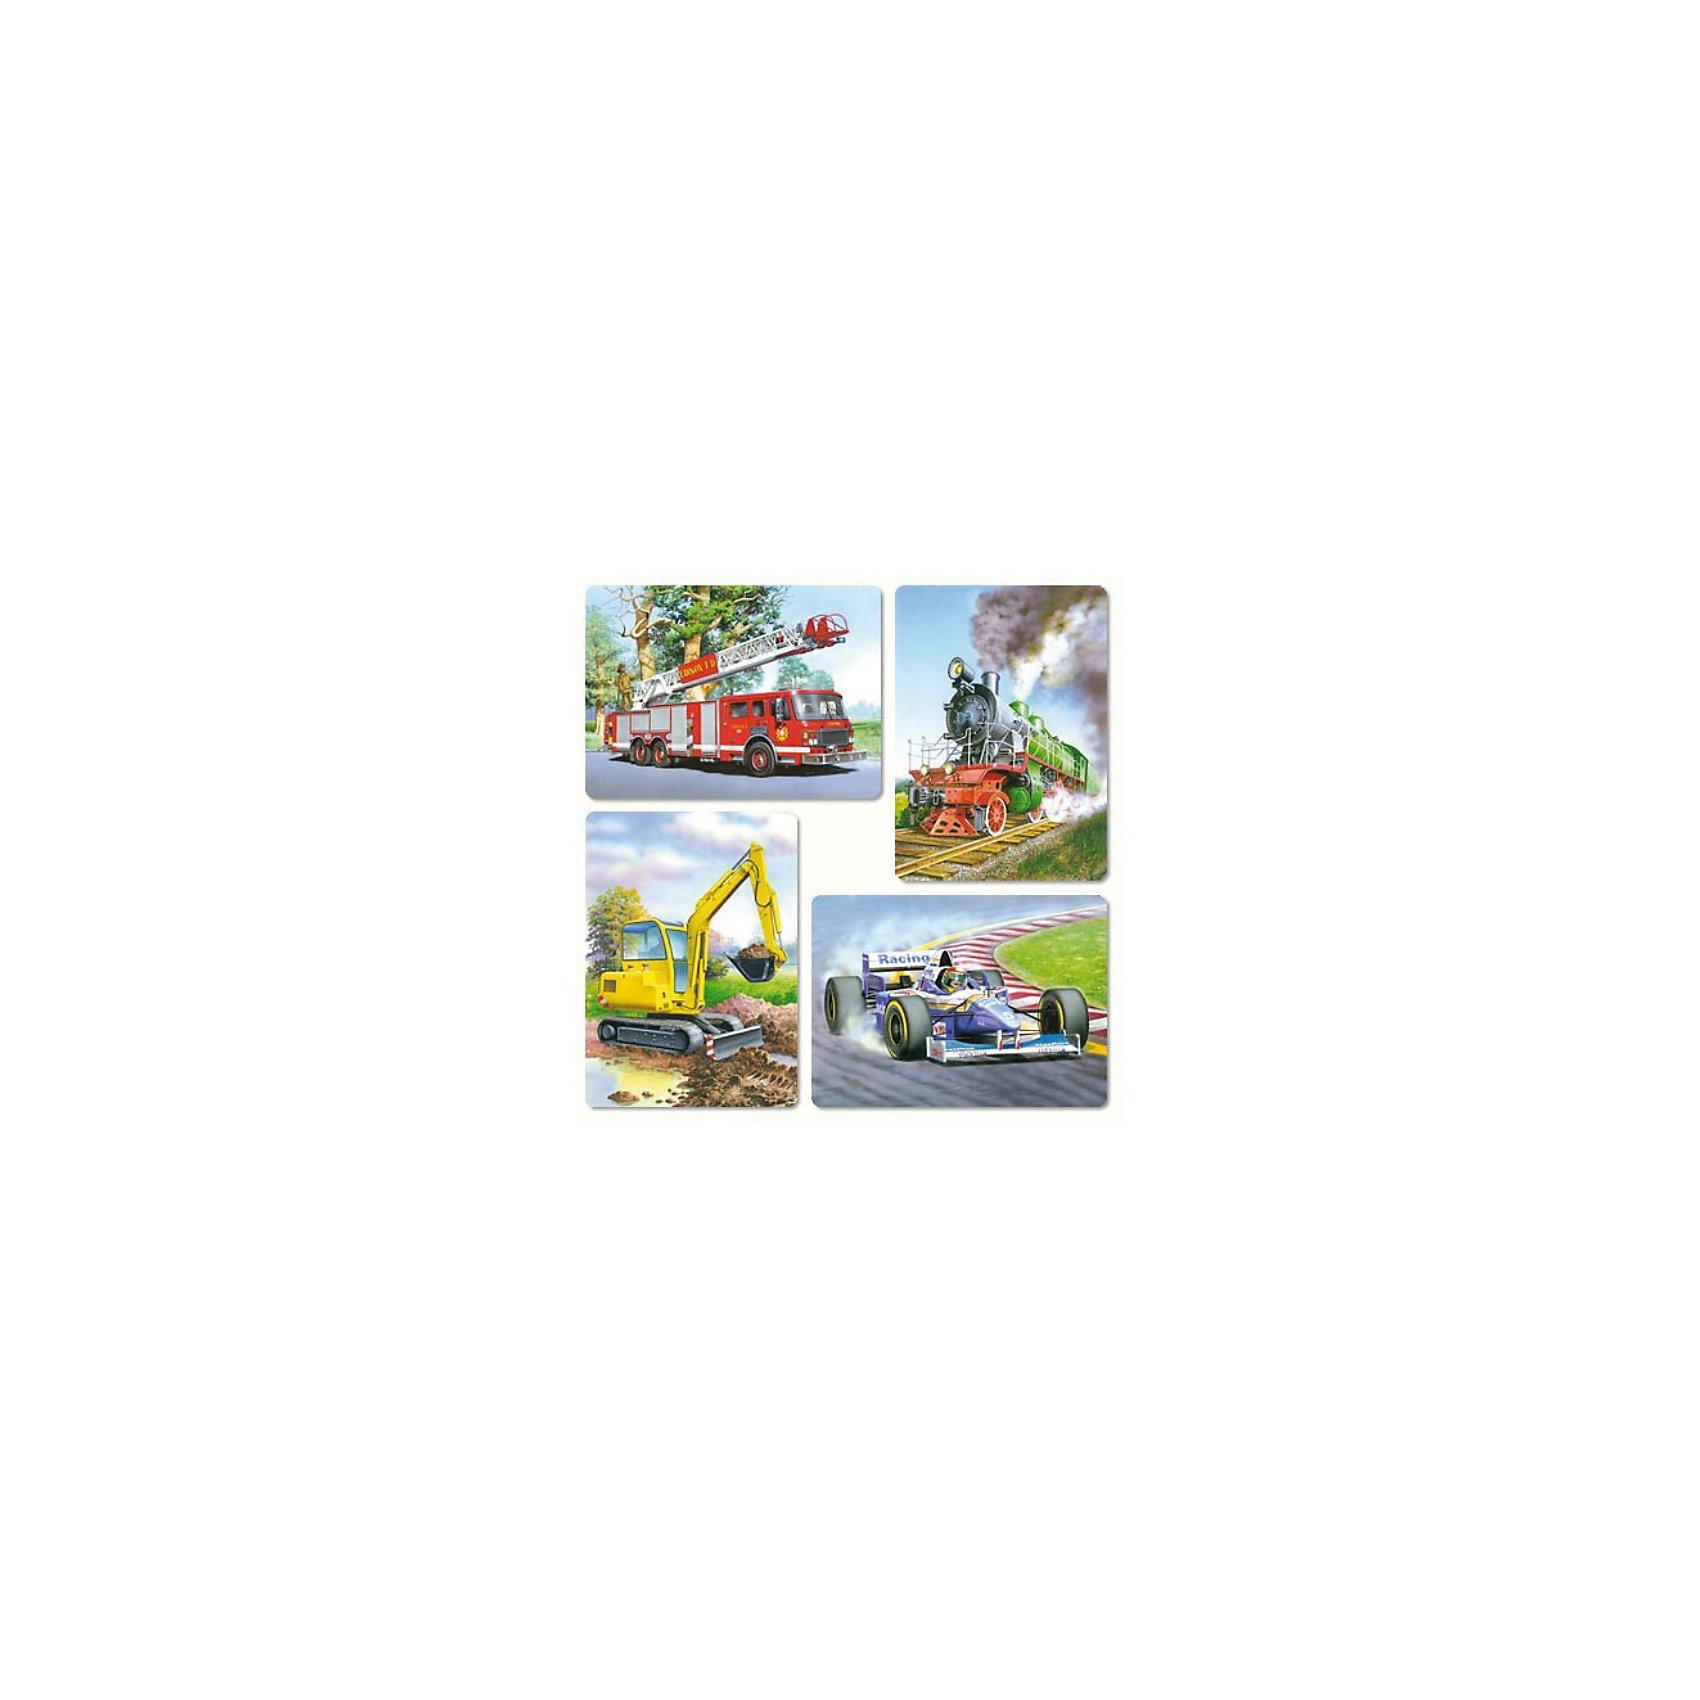 Набор пазлов Транспорт, 8*12*15*20 деталей, CastorlandПазлы для малышей<br>Набор пазлов Транспорт, 8*12*15*20 деталей, Castorland (Касторленд).<br><br>В наборе 4 картинки, выполненных транспортных средств.  Картинки отличаются тем, что состоят из разного количества деталей: 8, 12, 15 или 20. Пазлы имеют разный размер элементов. Ребенок может начинать собирать картинку с крупными элементами, а потом  постепенно увеличивать сложность, собирая пазлы с большим количеством элементов меньшего размера. <br><br>Высококачественные пазлы подарят вам ни с чем не сравнимое удовольствие. Все элементы уникальны и прекрасно соединяются.<br><br>Дополнительная информация:<br><br>- Изображение: гоночный болид, пожарная машина, экскаватор, паровоз<br>- Количество деталей: 8, 12, 15, 20<br>- Материал: плотный картон<br>- Размер собранной картинки:  230 х165 мм<br>- Размер коробки: 273 х 186 х 37 мм<br>- Вес: 400 г.<br><br>Набор пазлов Транспорт, 8*12*15*20 деталей, Castorland (Касторленд) можно купить в нашем интернет-магазине.<br><br>Ширина мм: 273<br>Глубина мм: 186<br>Высота мм: 40<br>Вес г: 400<br>Возраст от месяцев: 36<br>Возраст до месяцев: 2147483647<br>Пол: Мужской<br>Возраст: Детский<br>Количество деталей: 8<br>SKU: 2328219